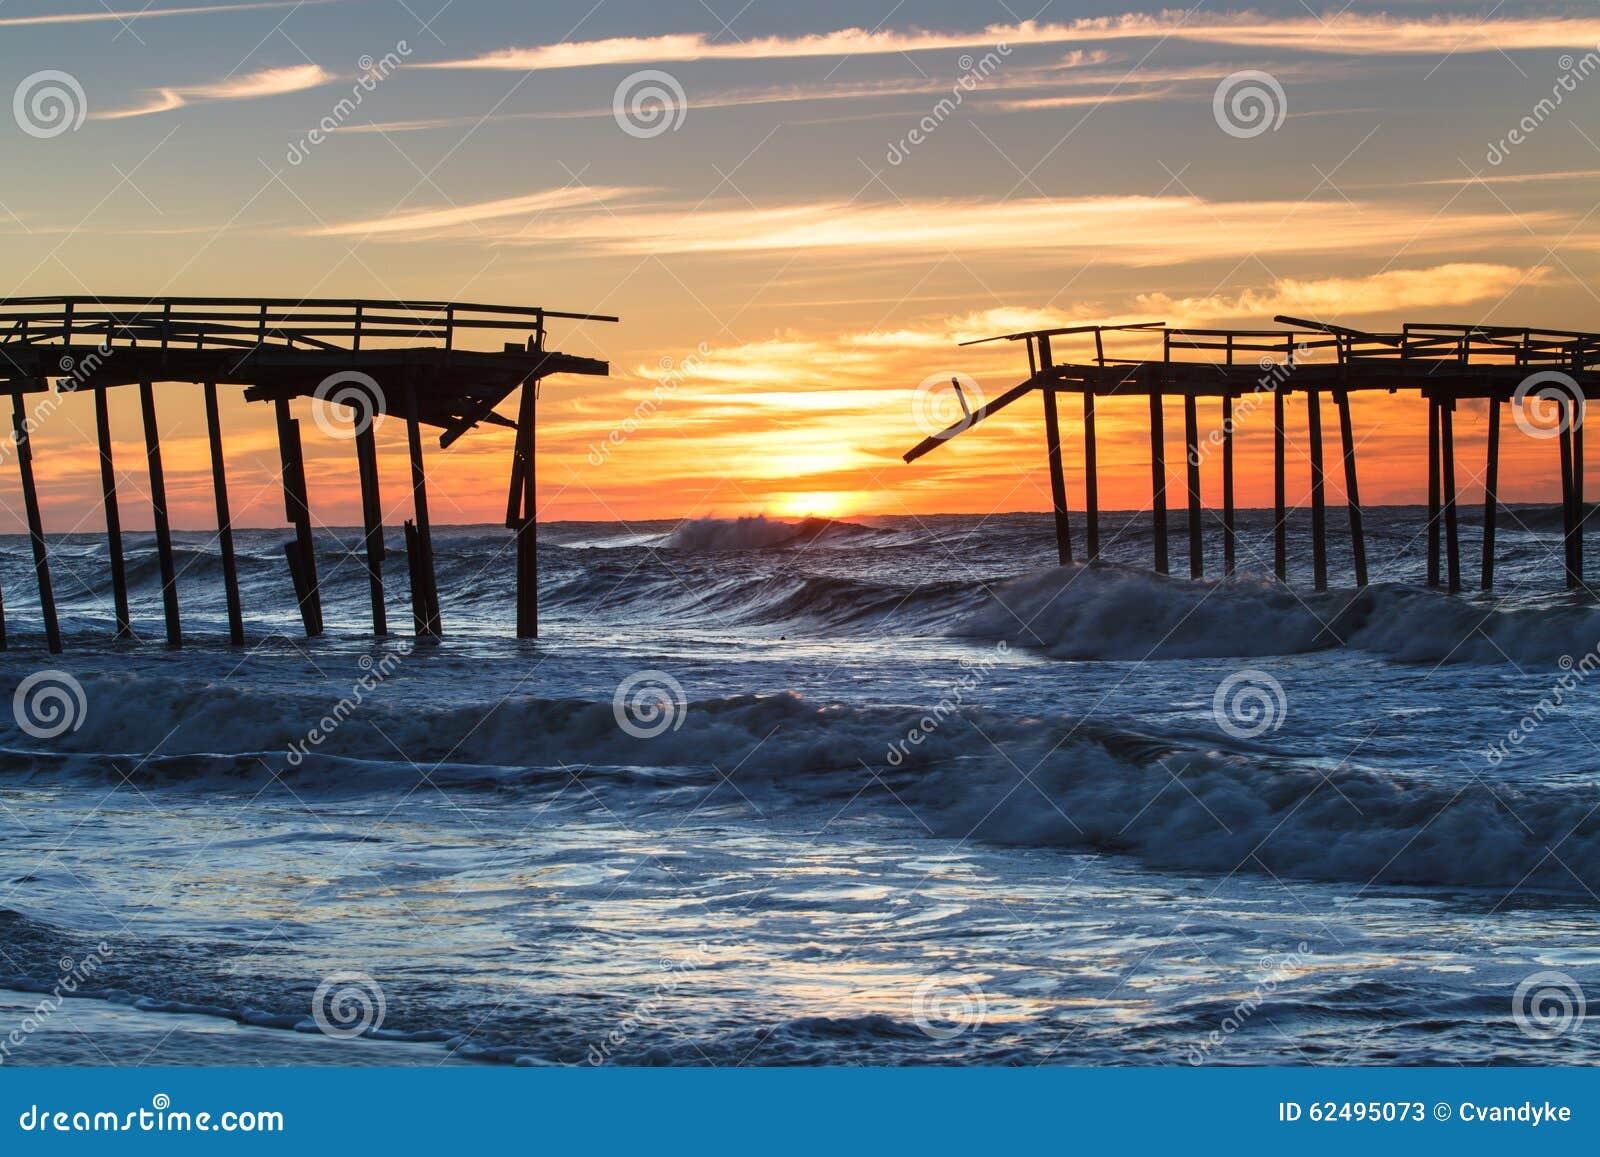 Sunrise Abandoned Fishing Pier North Carolina